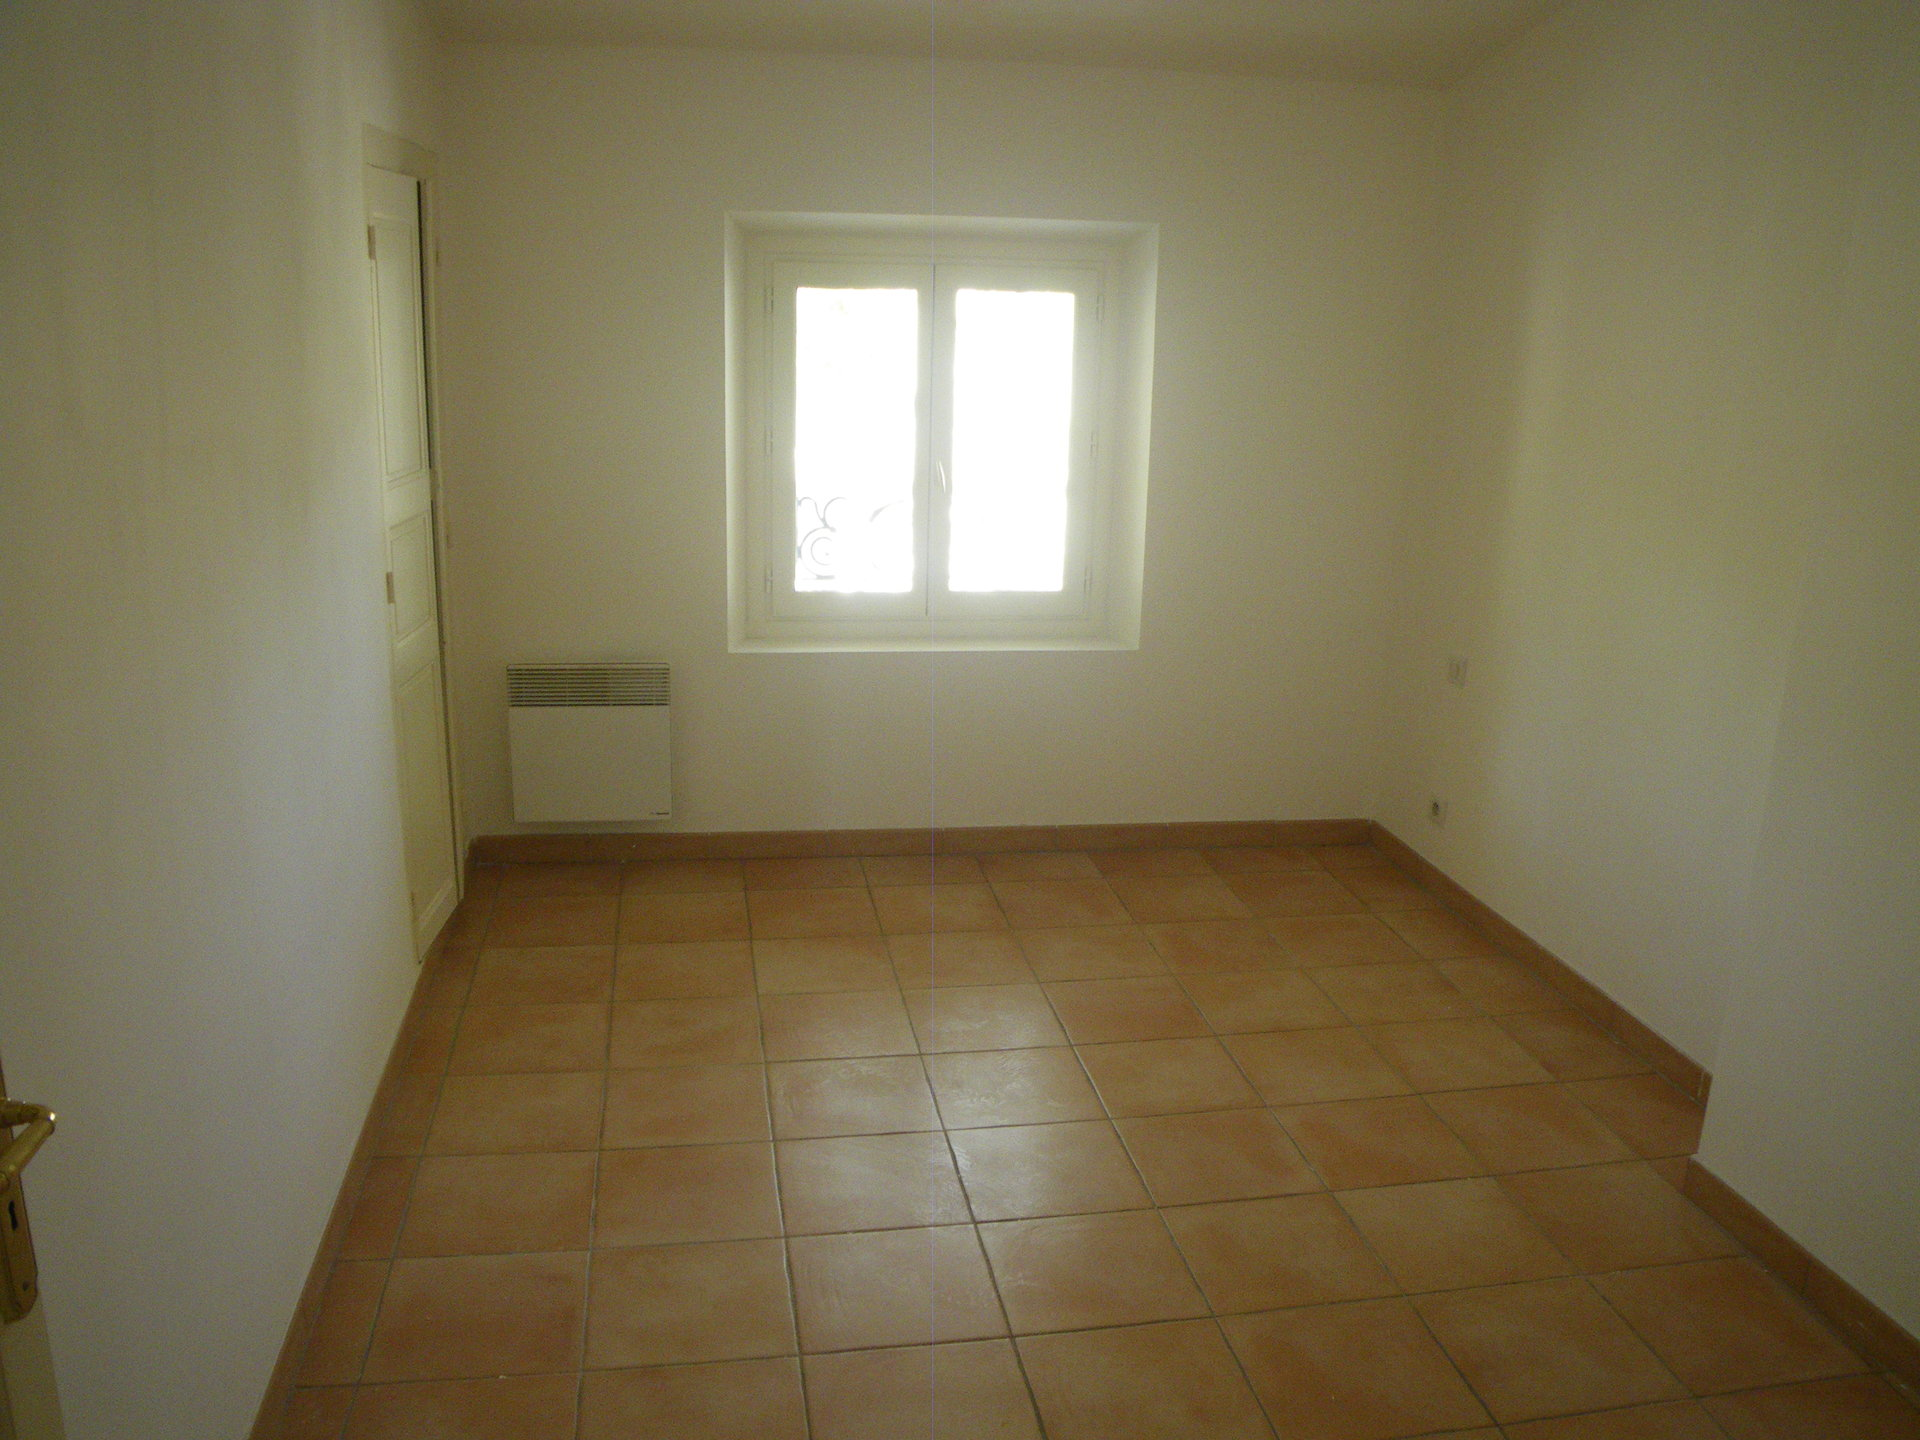 LORGUES, joli appartement de 70 m² traversant avec 2 chambres